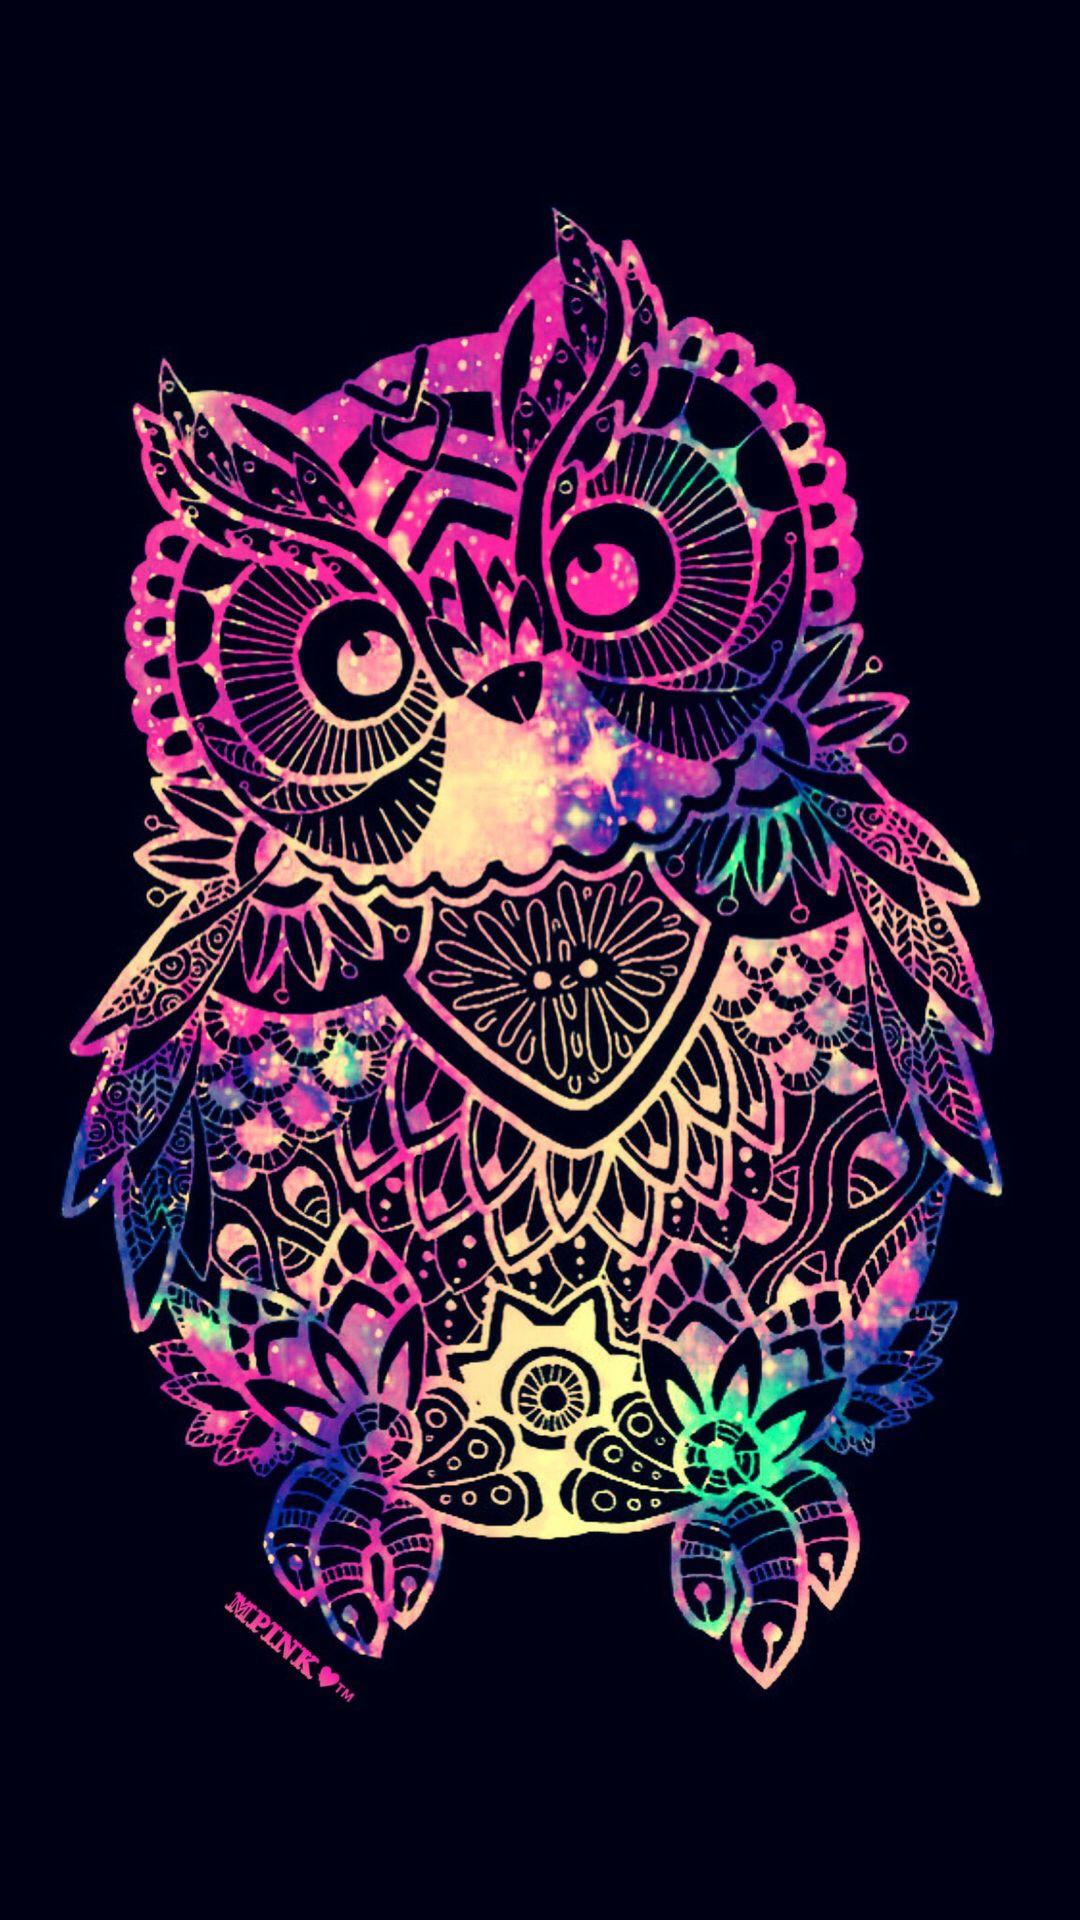 Tribal Owl Galaxy Wallpaper Androidwallpaper Iphonewallpaper Sparkle Glitter